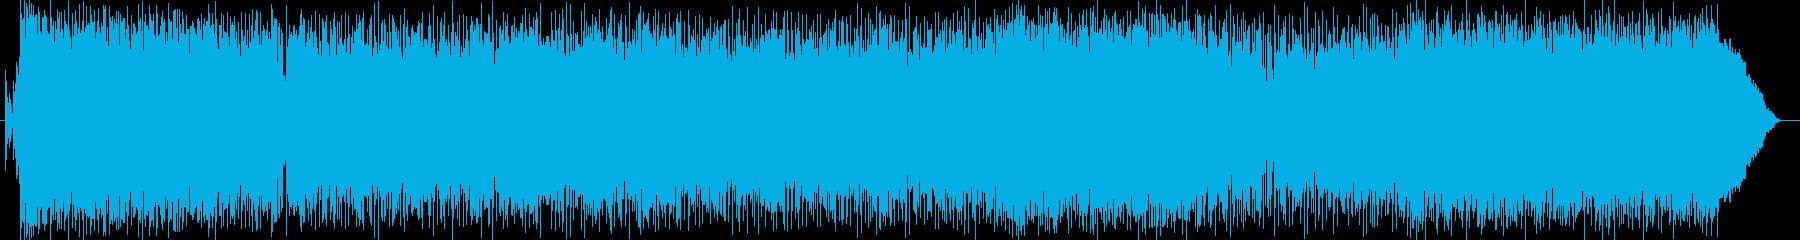 歌入りで軽快なアップテンポのロックの再生済みの波形